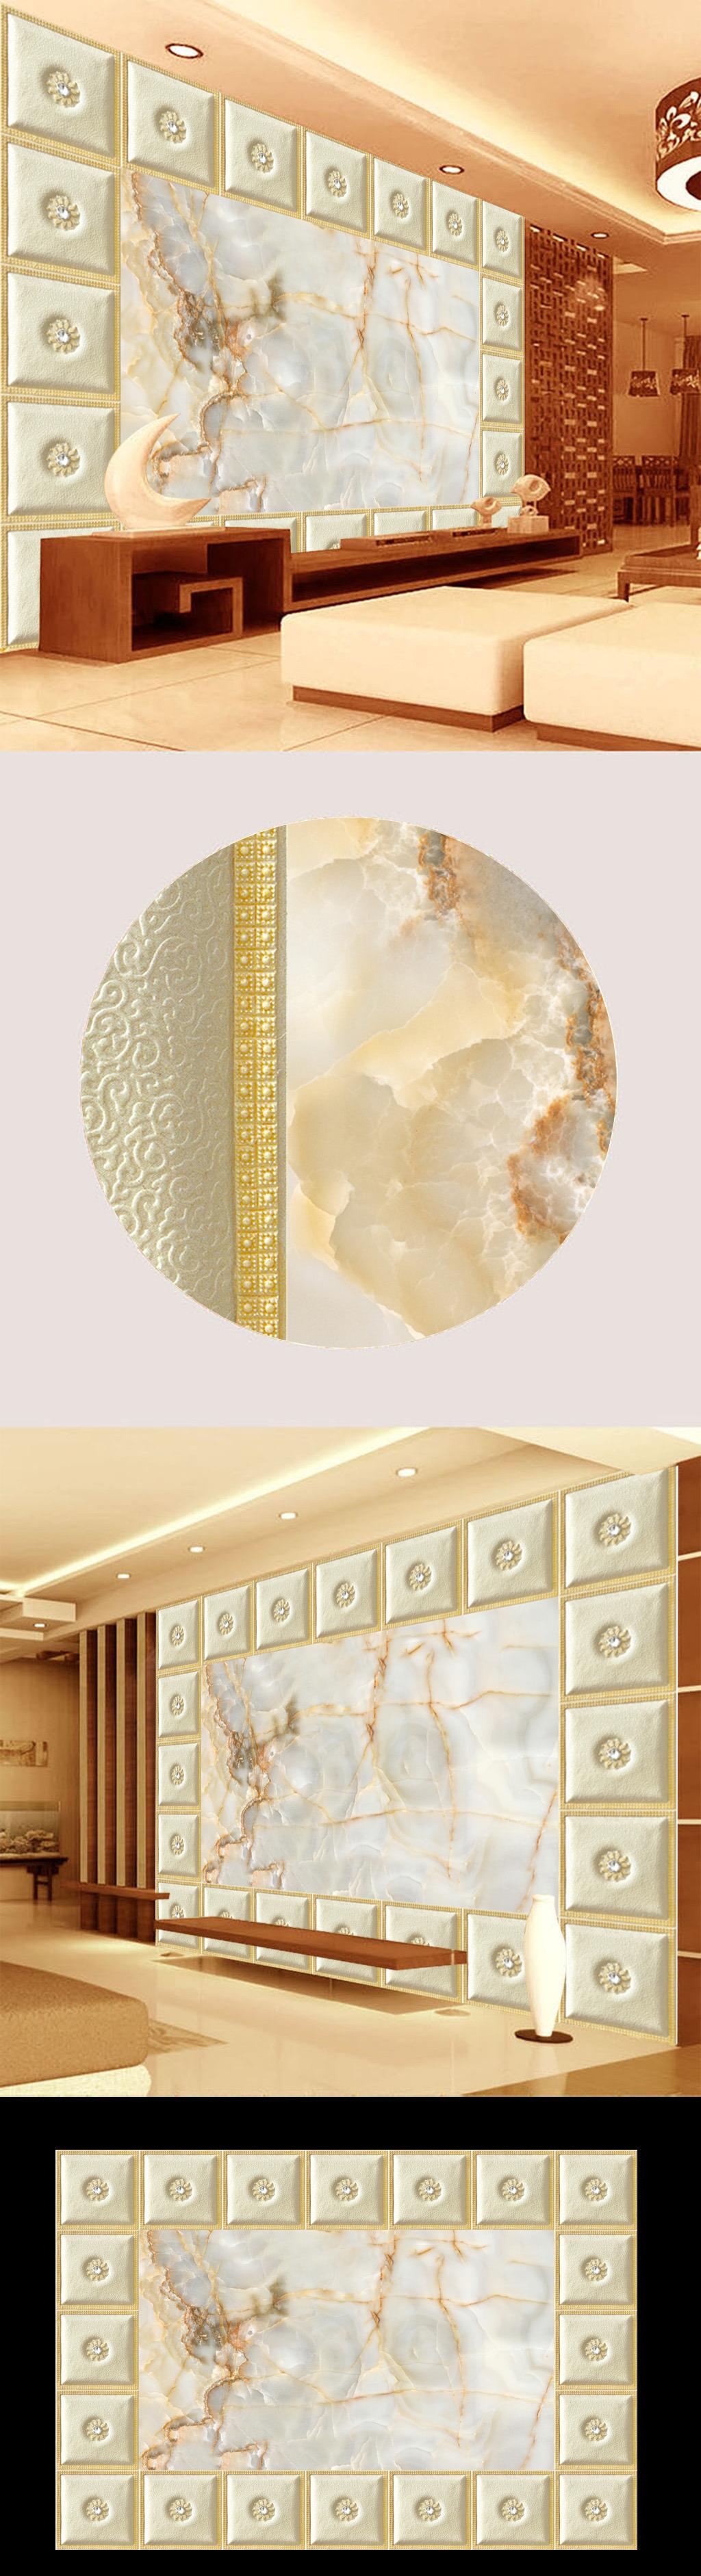 背景墙 高贵/[版权图片]高贵玉石浮雕背景墙